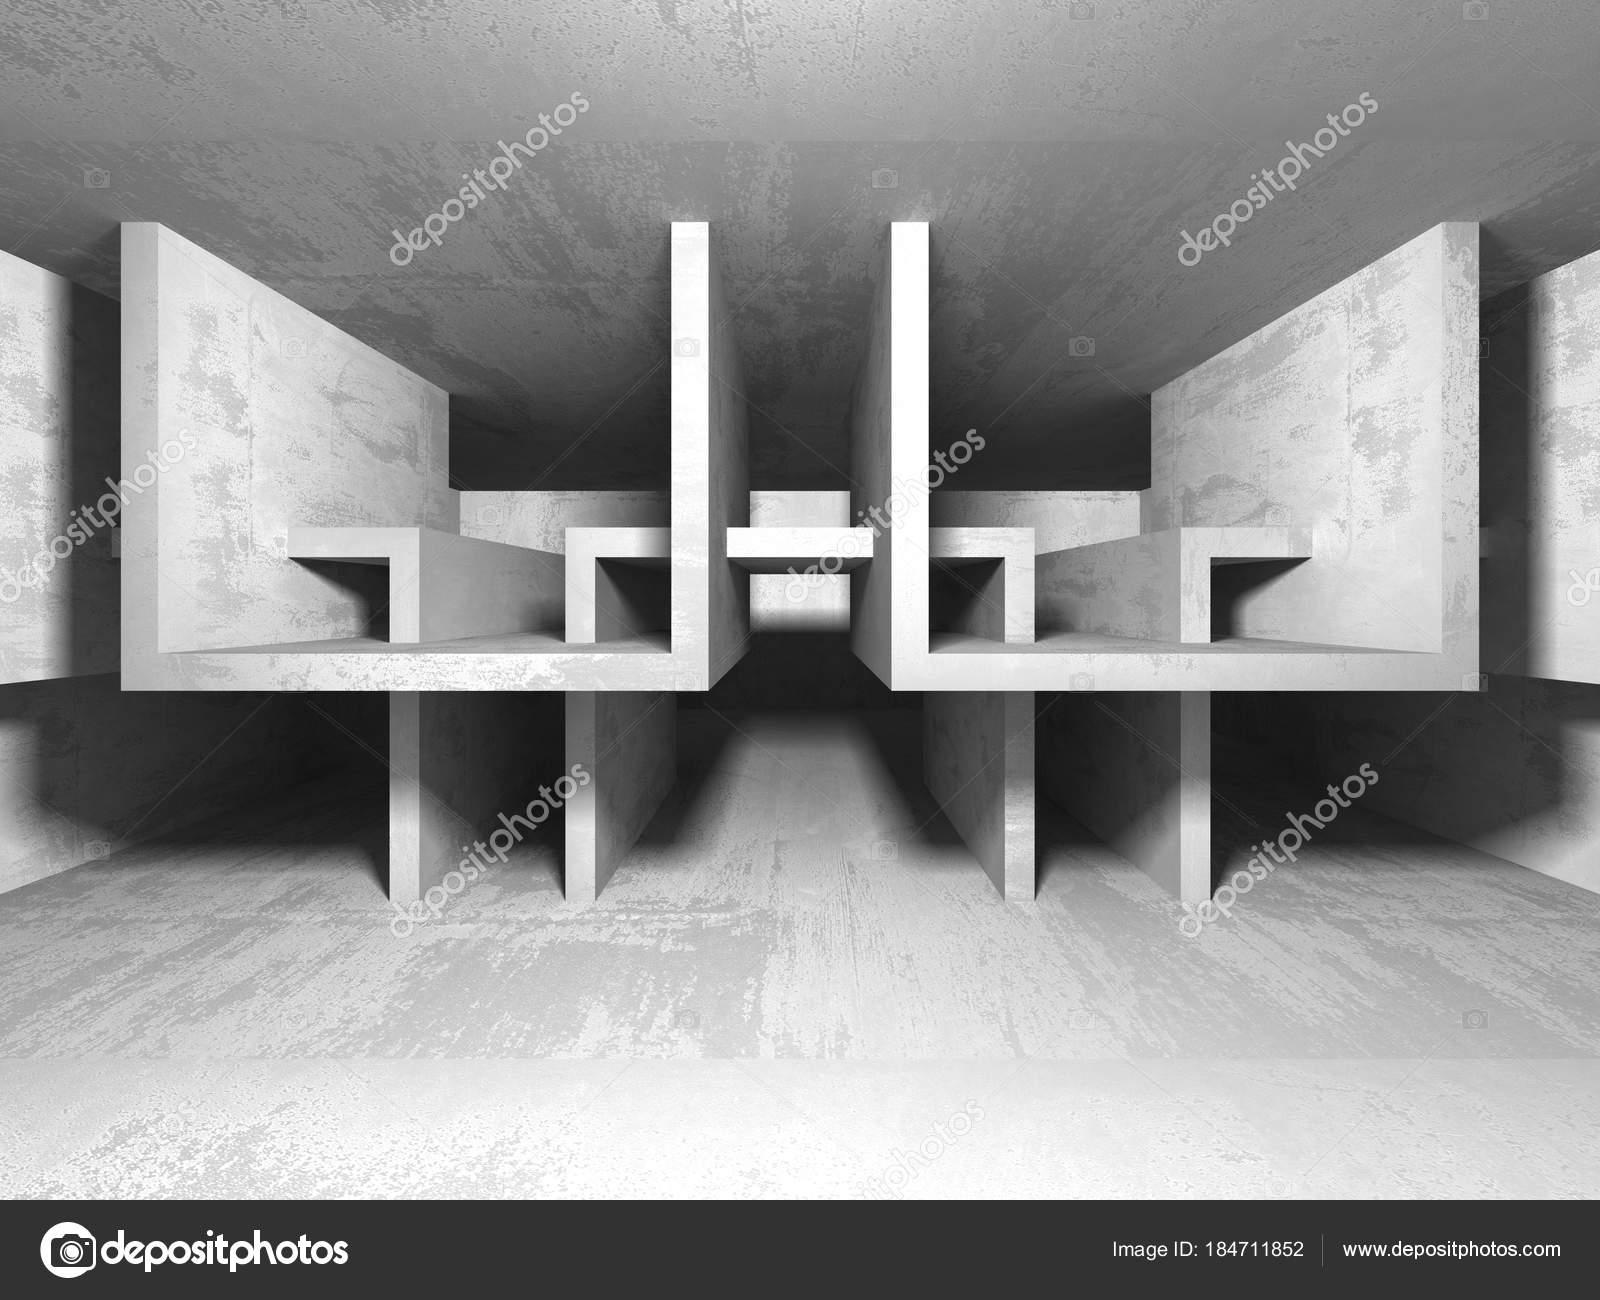 Sol En Beton Interieur intérieur sombre sous sol salle vide murs béton contexte